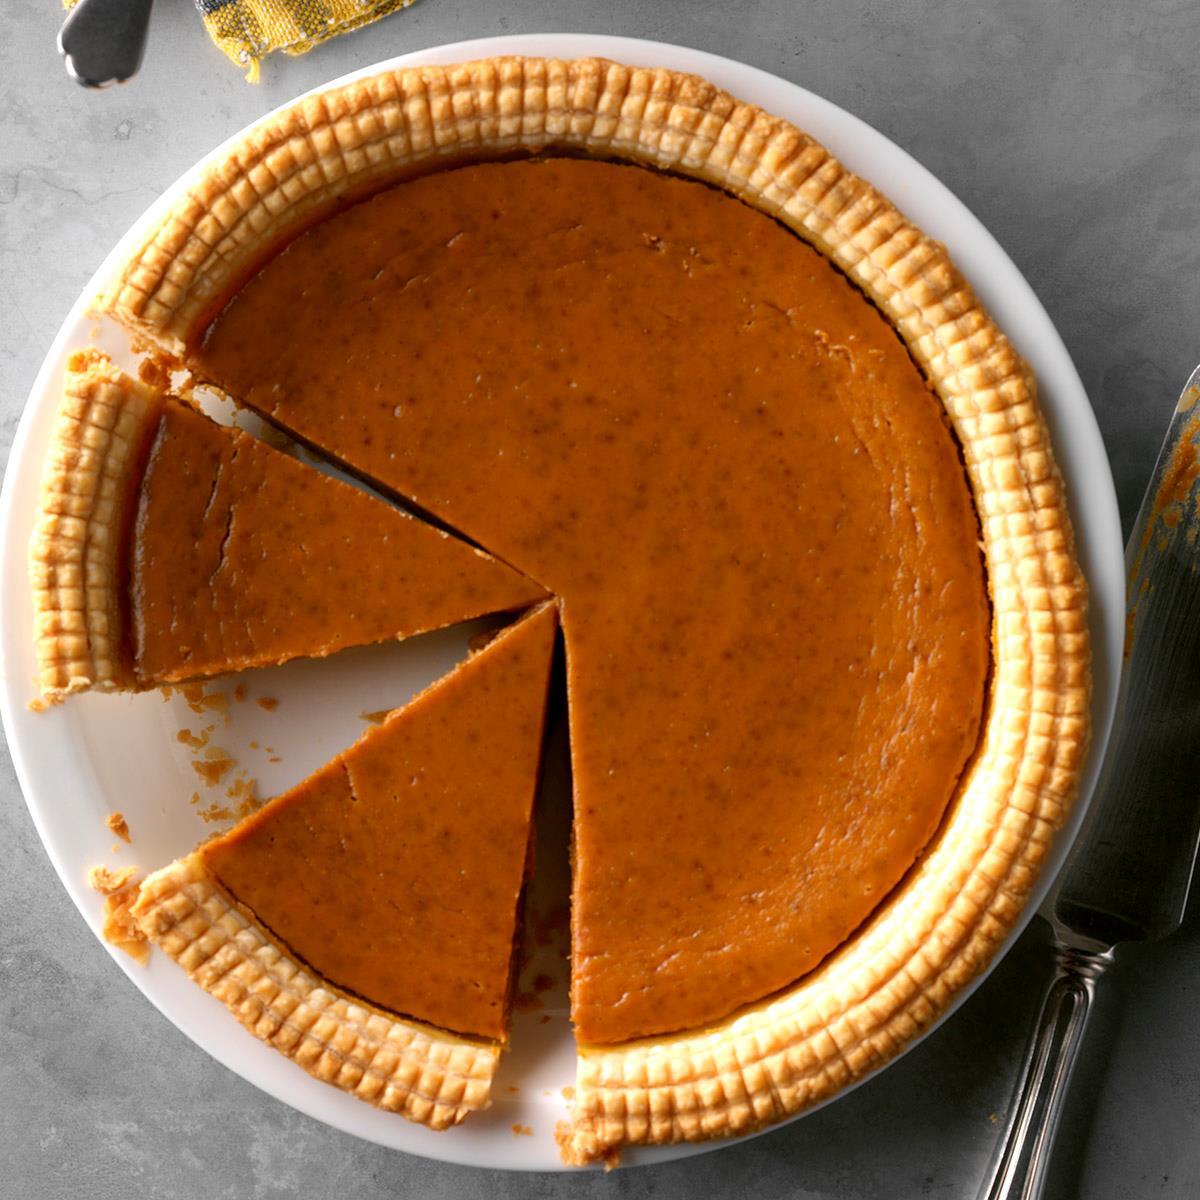 Thanksgiving Desserts Pecan Pie Pumpkin Pie More: Spiced Eggnog Pumpkin Pie Recipe